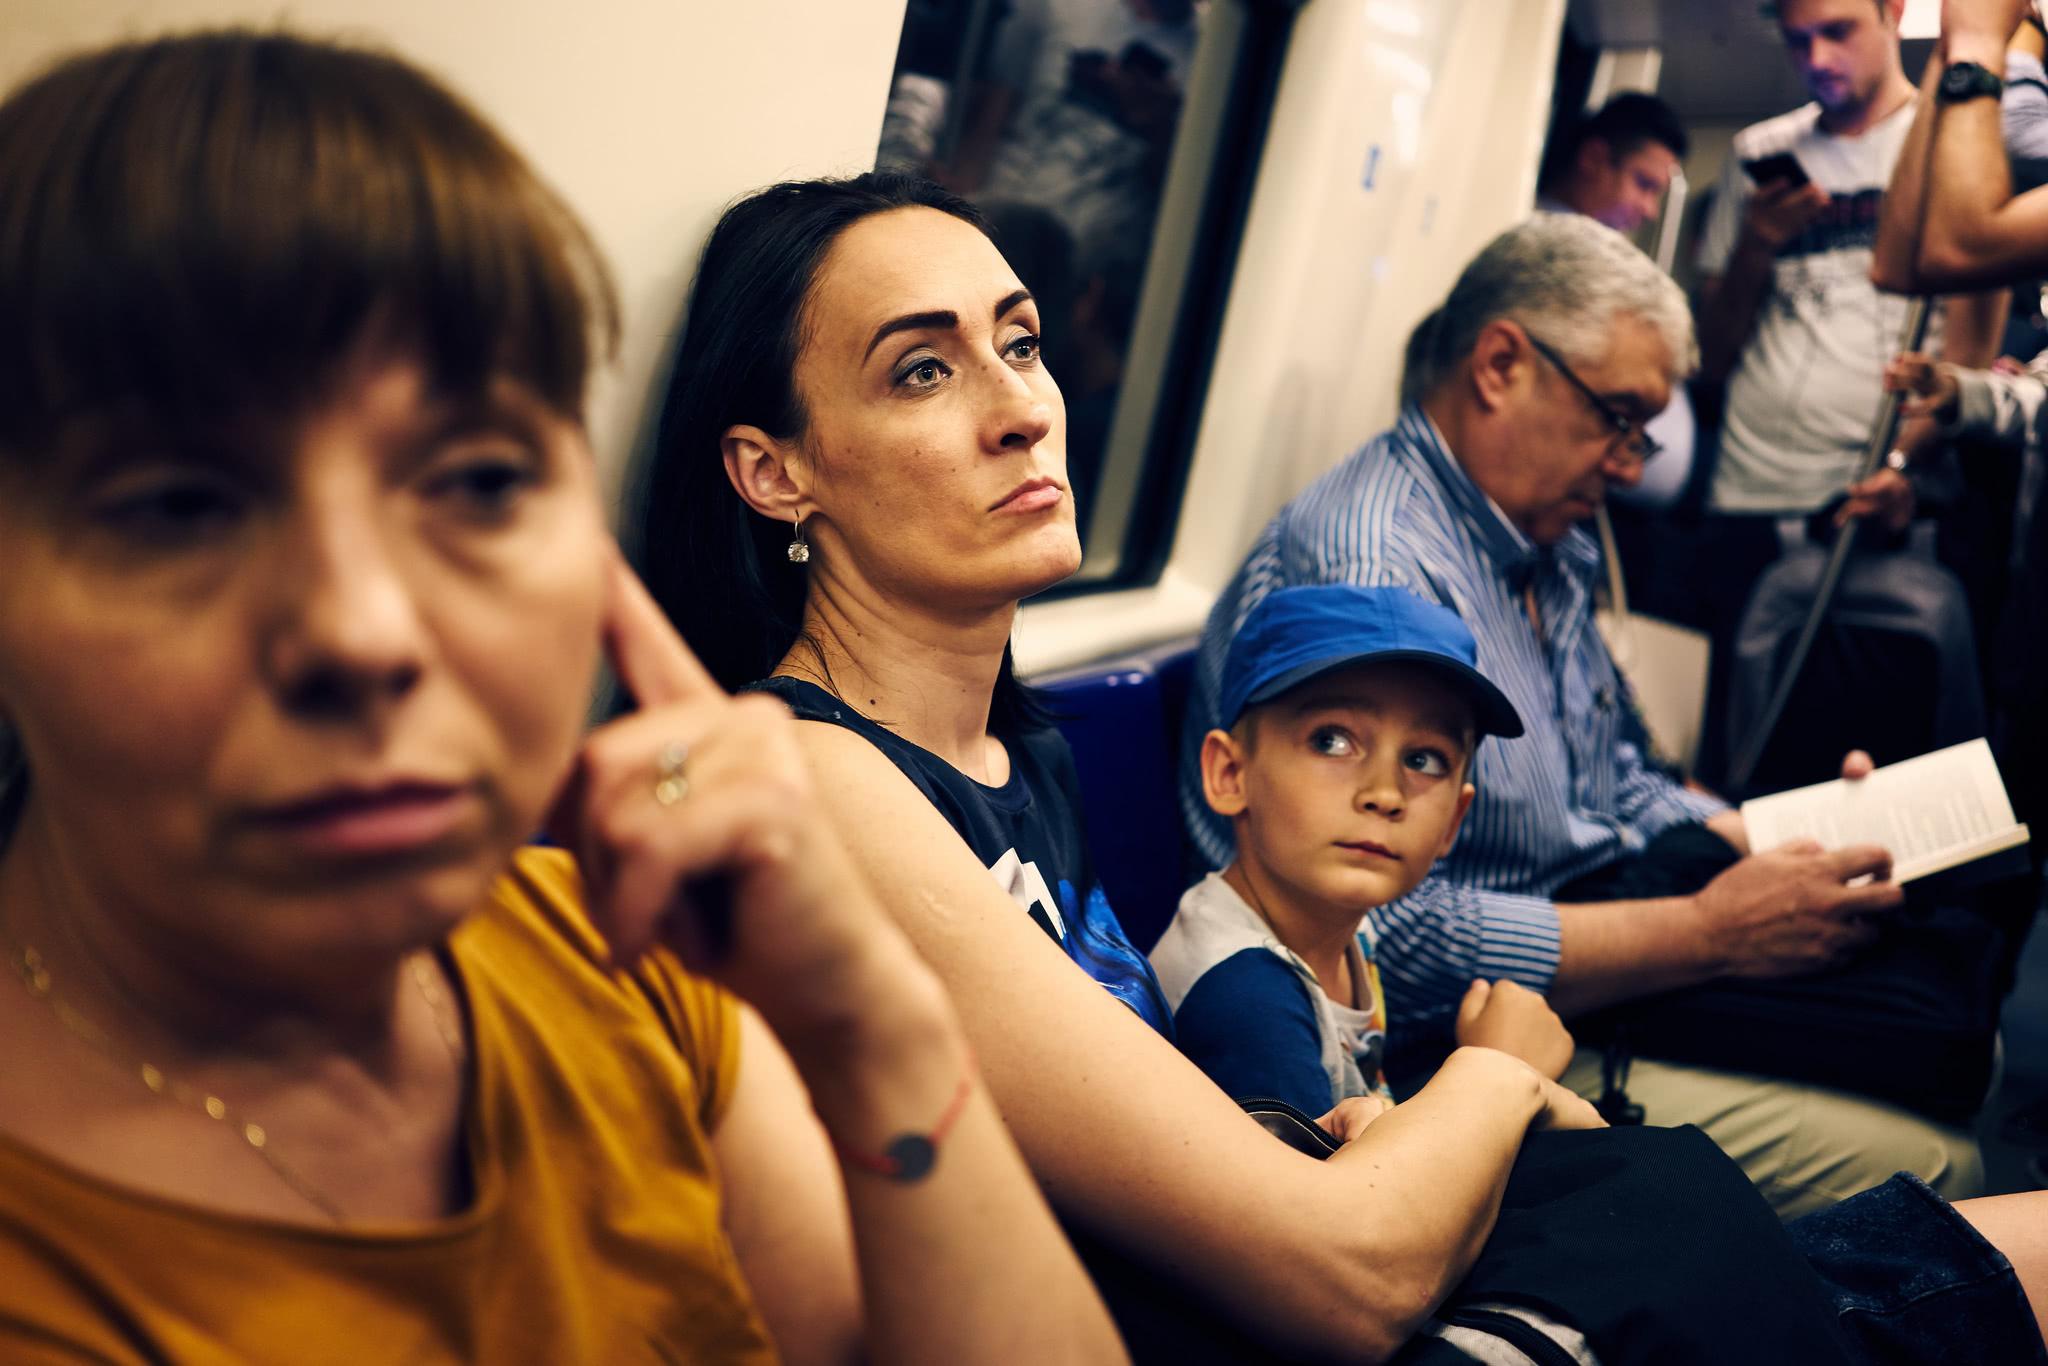 实拍欧洲发展中国家的地铁众生相:与中国人一样累,却十分落魄